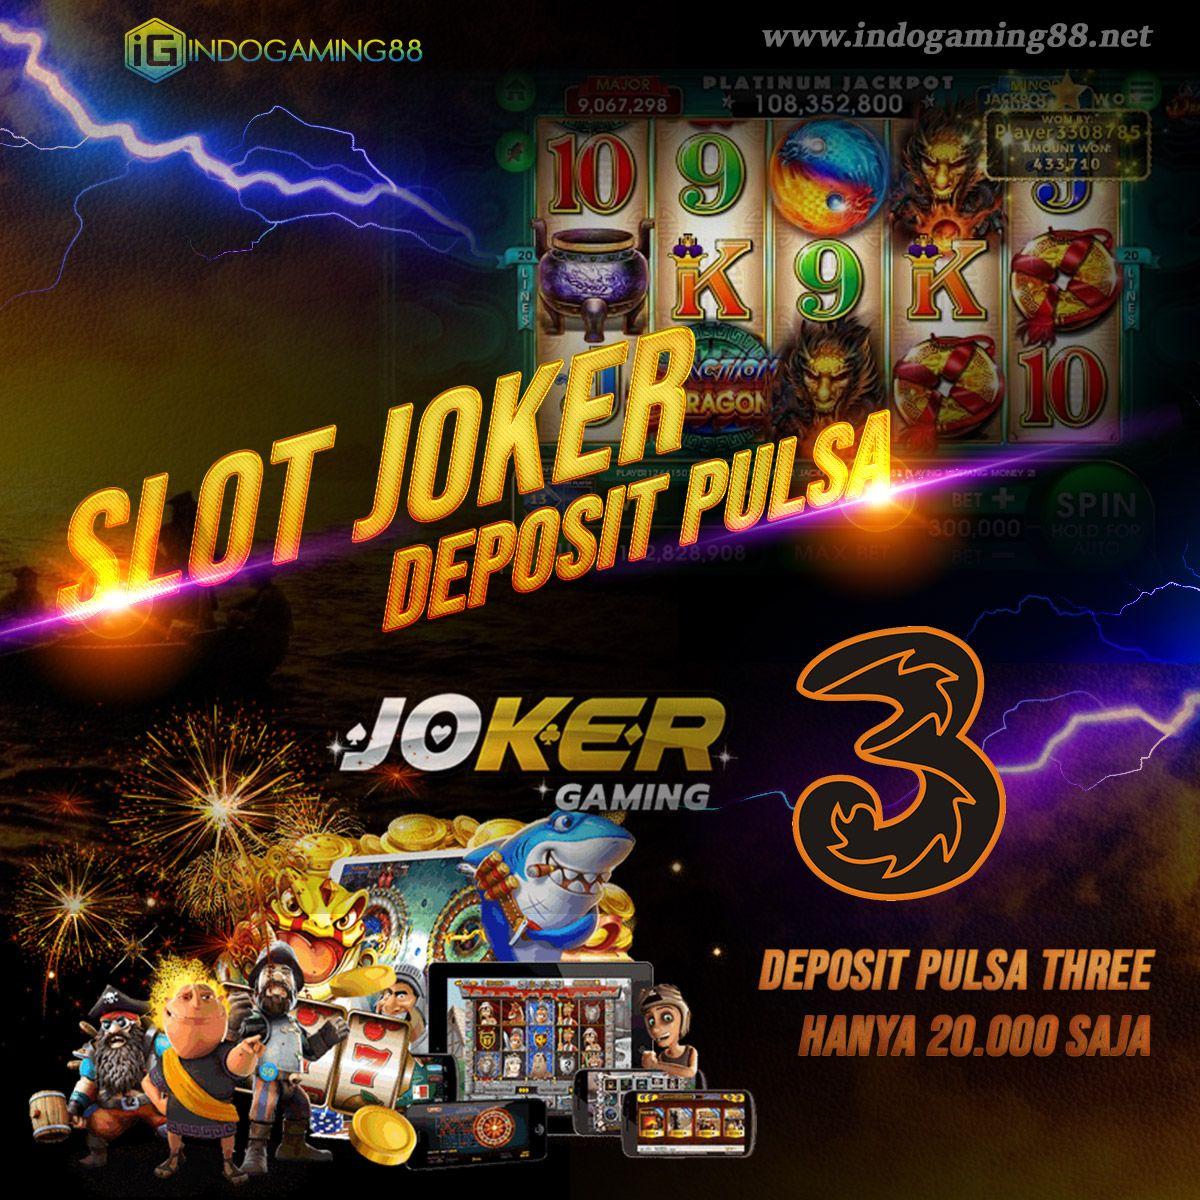 Joker Slot Deposit Pulsa Three Online Joker Mainan Berlayar